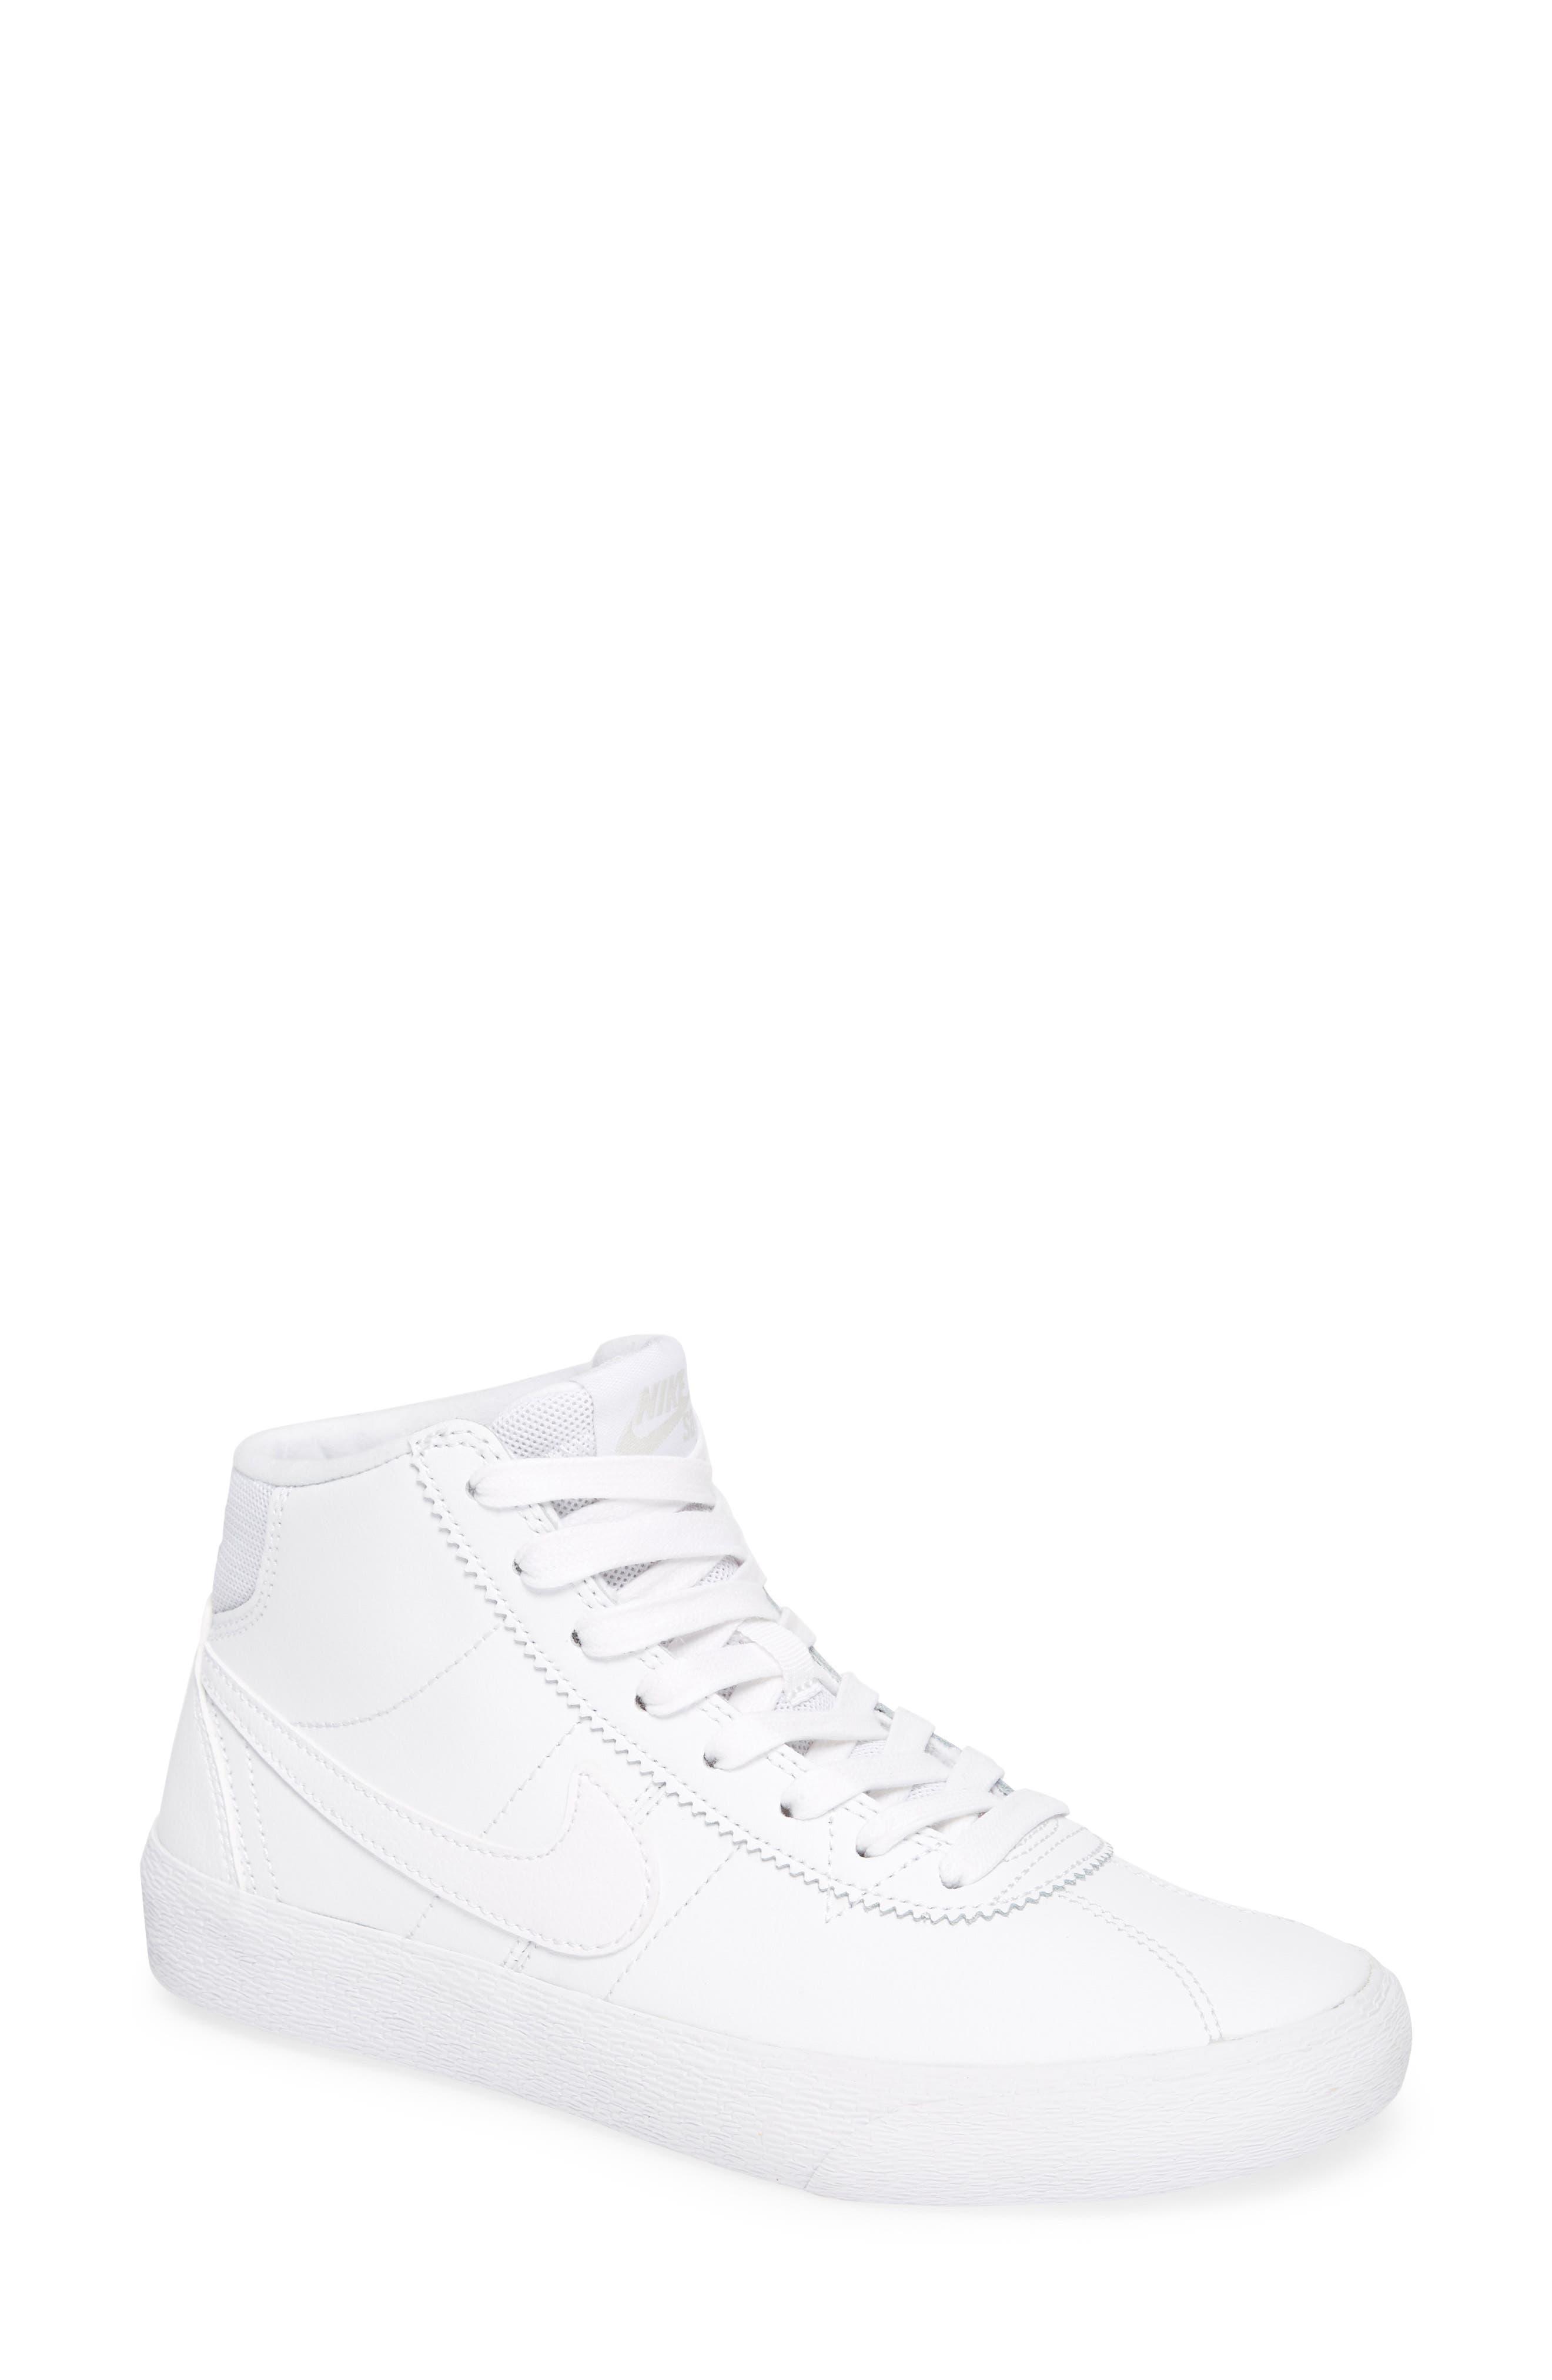 SB Bruin Hi Skateboarding Sneaker,                         Main,                         color, WHITE/ WHITE/ VAST GREY